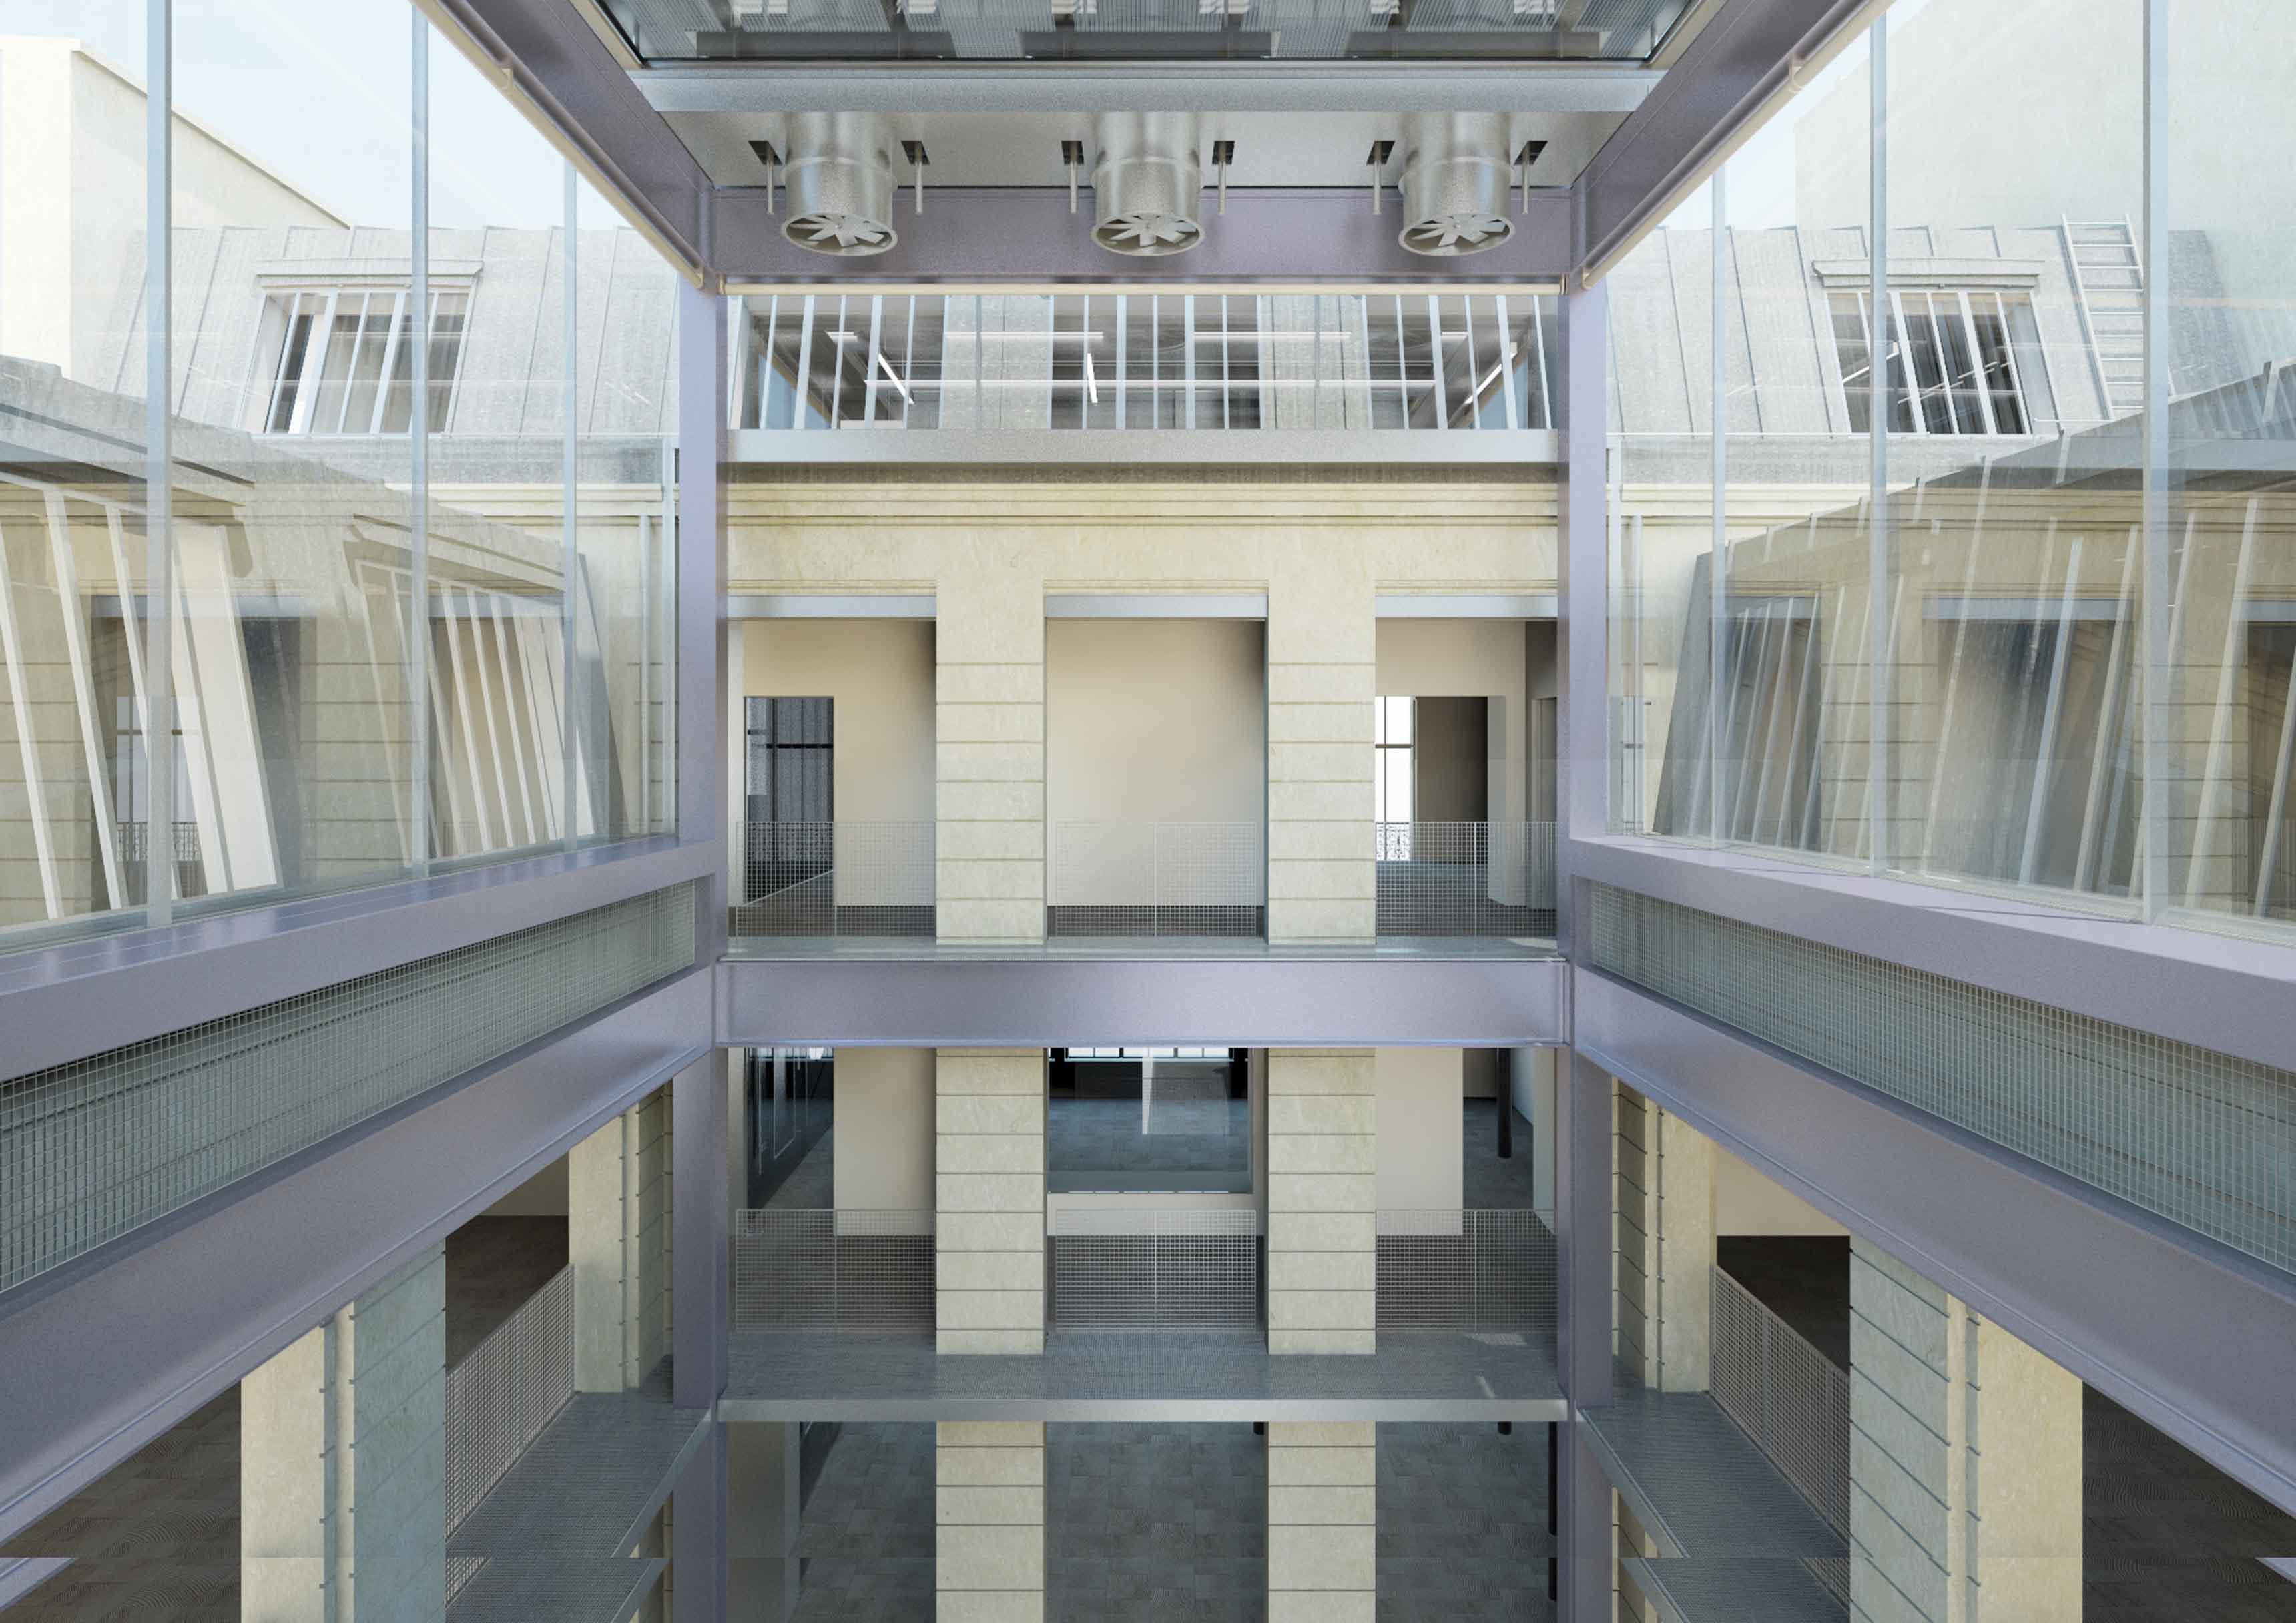 Tour d'exposition sans plancher mobile (une des 49 configurations possibles de la machine curatoriale). Copyright : OMA / Fondation d'entreprise Galeries Lafayette